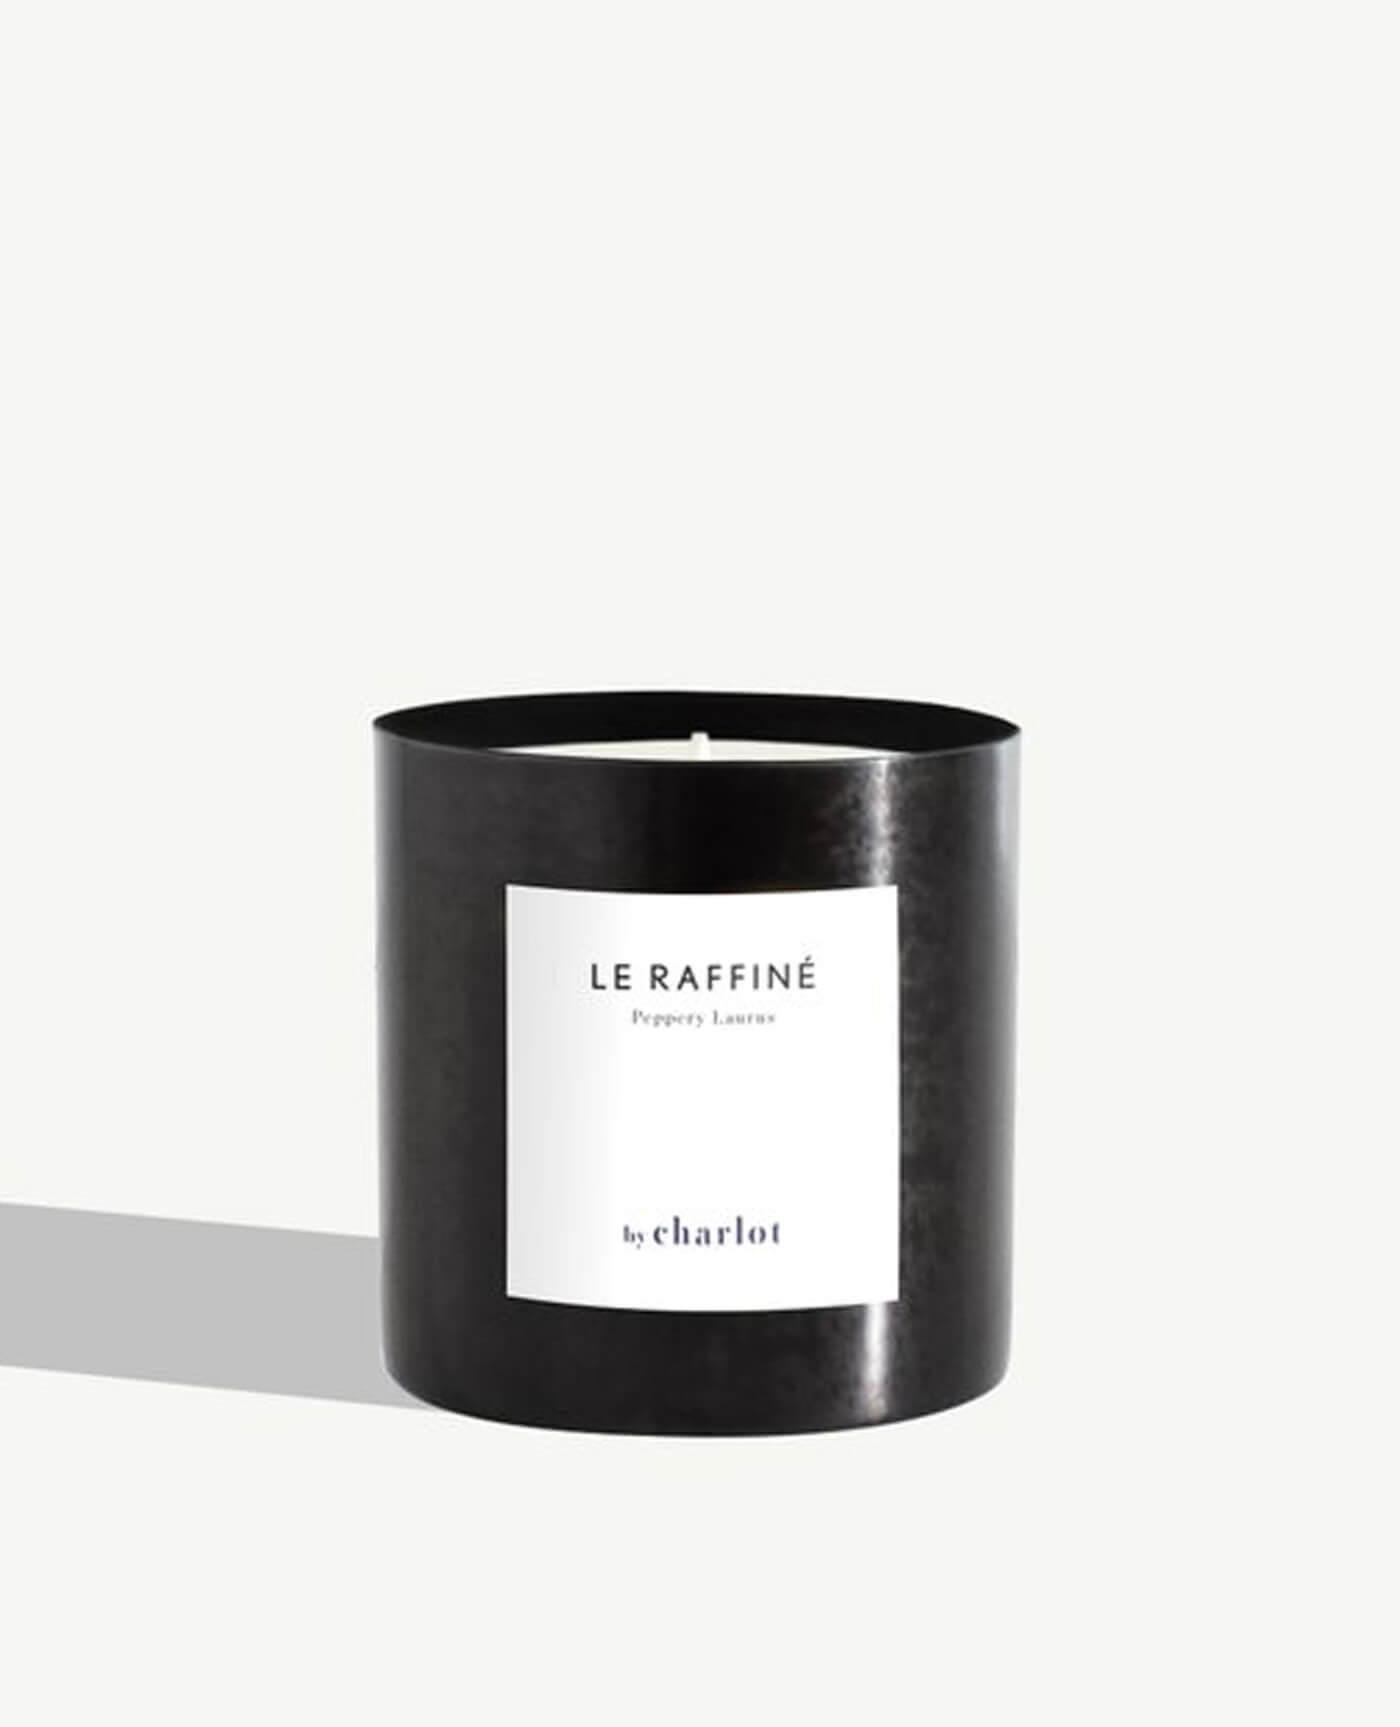 By charlot bougie le raffiné noir graphite bergamote citron menthe poivrée cardamone